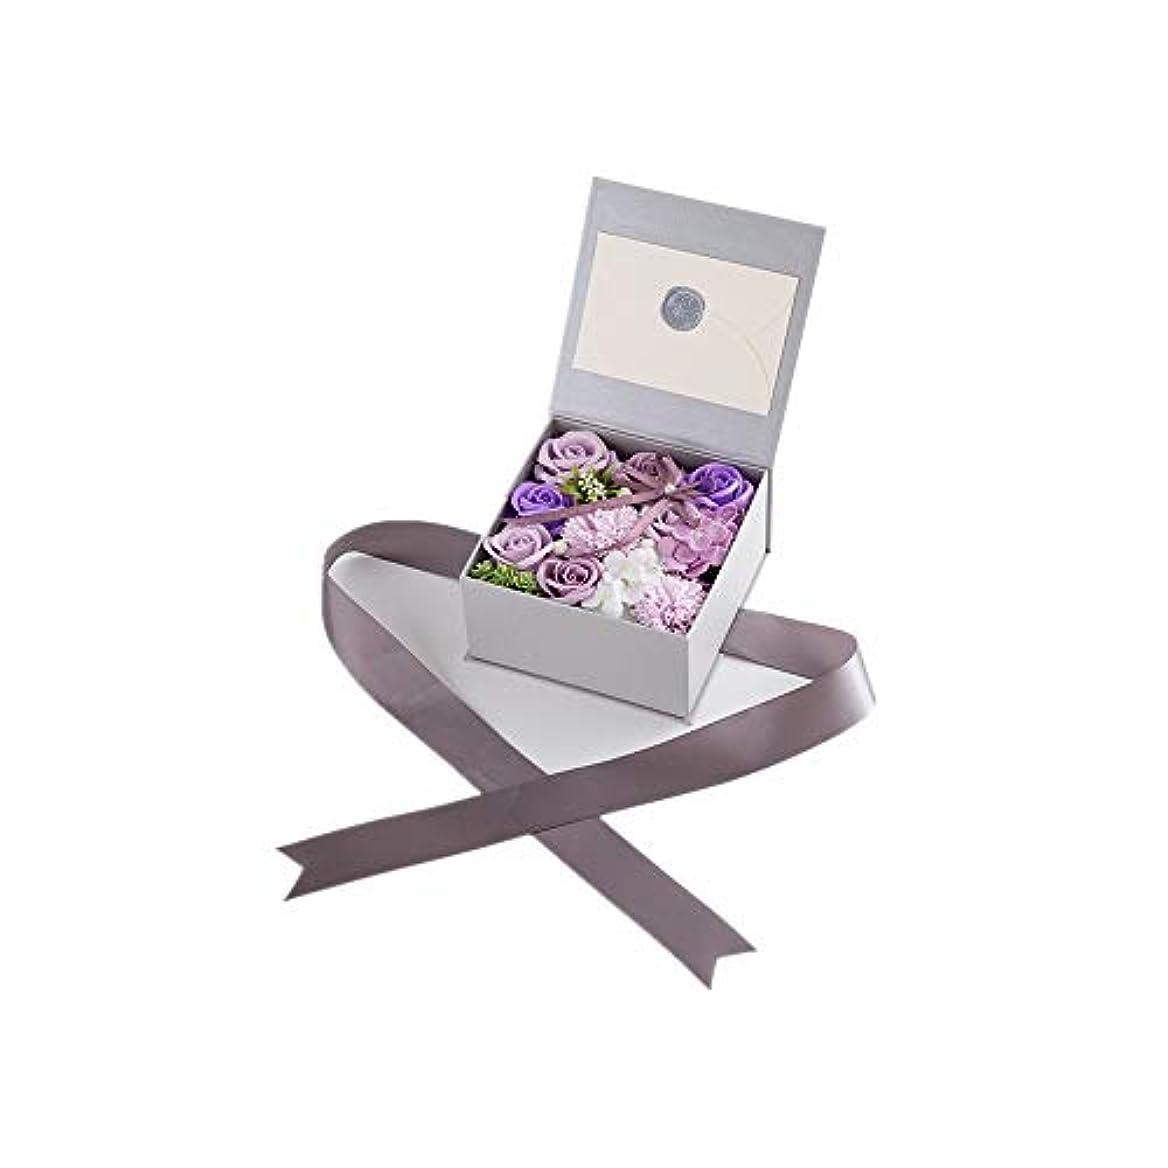 楽しい邪悪な予定生地と花石鹸の花 絶妙な梱包フラワーバレンタインデーのための花バラ花束の記念日誕生日母の日 (色 : Violet)